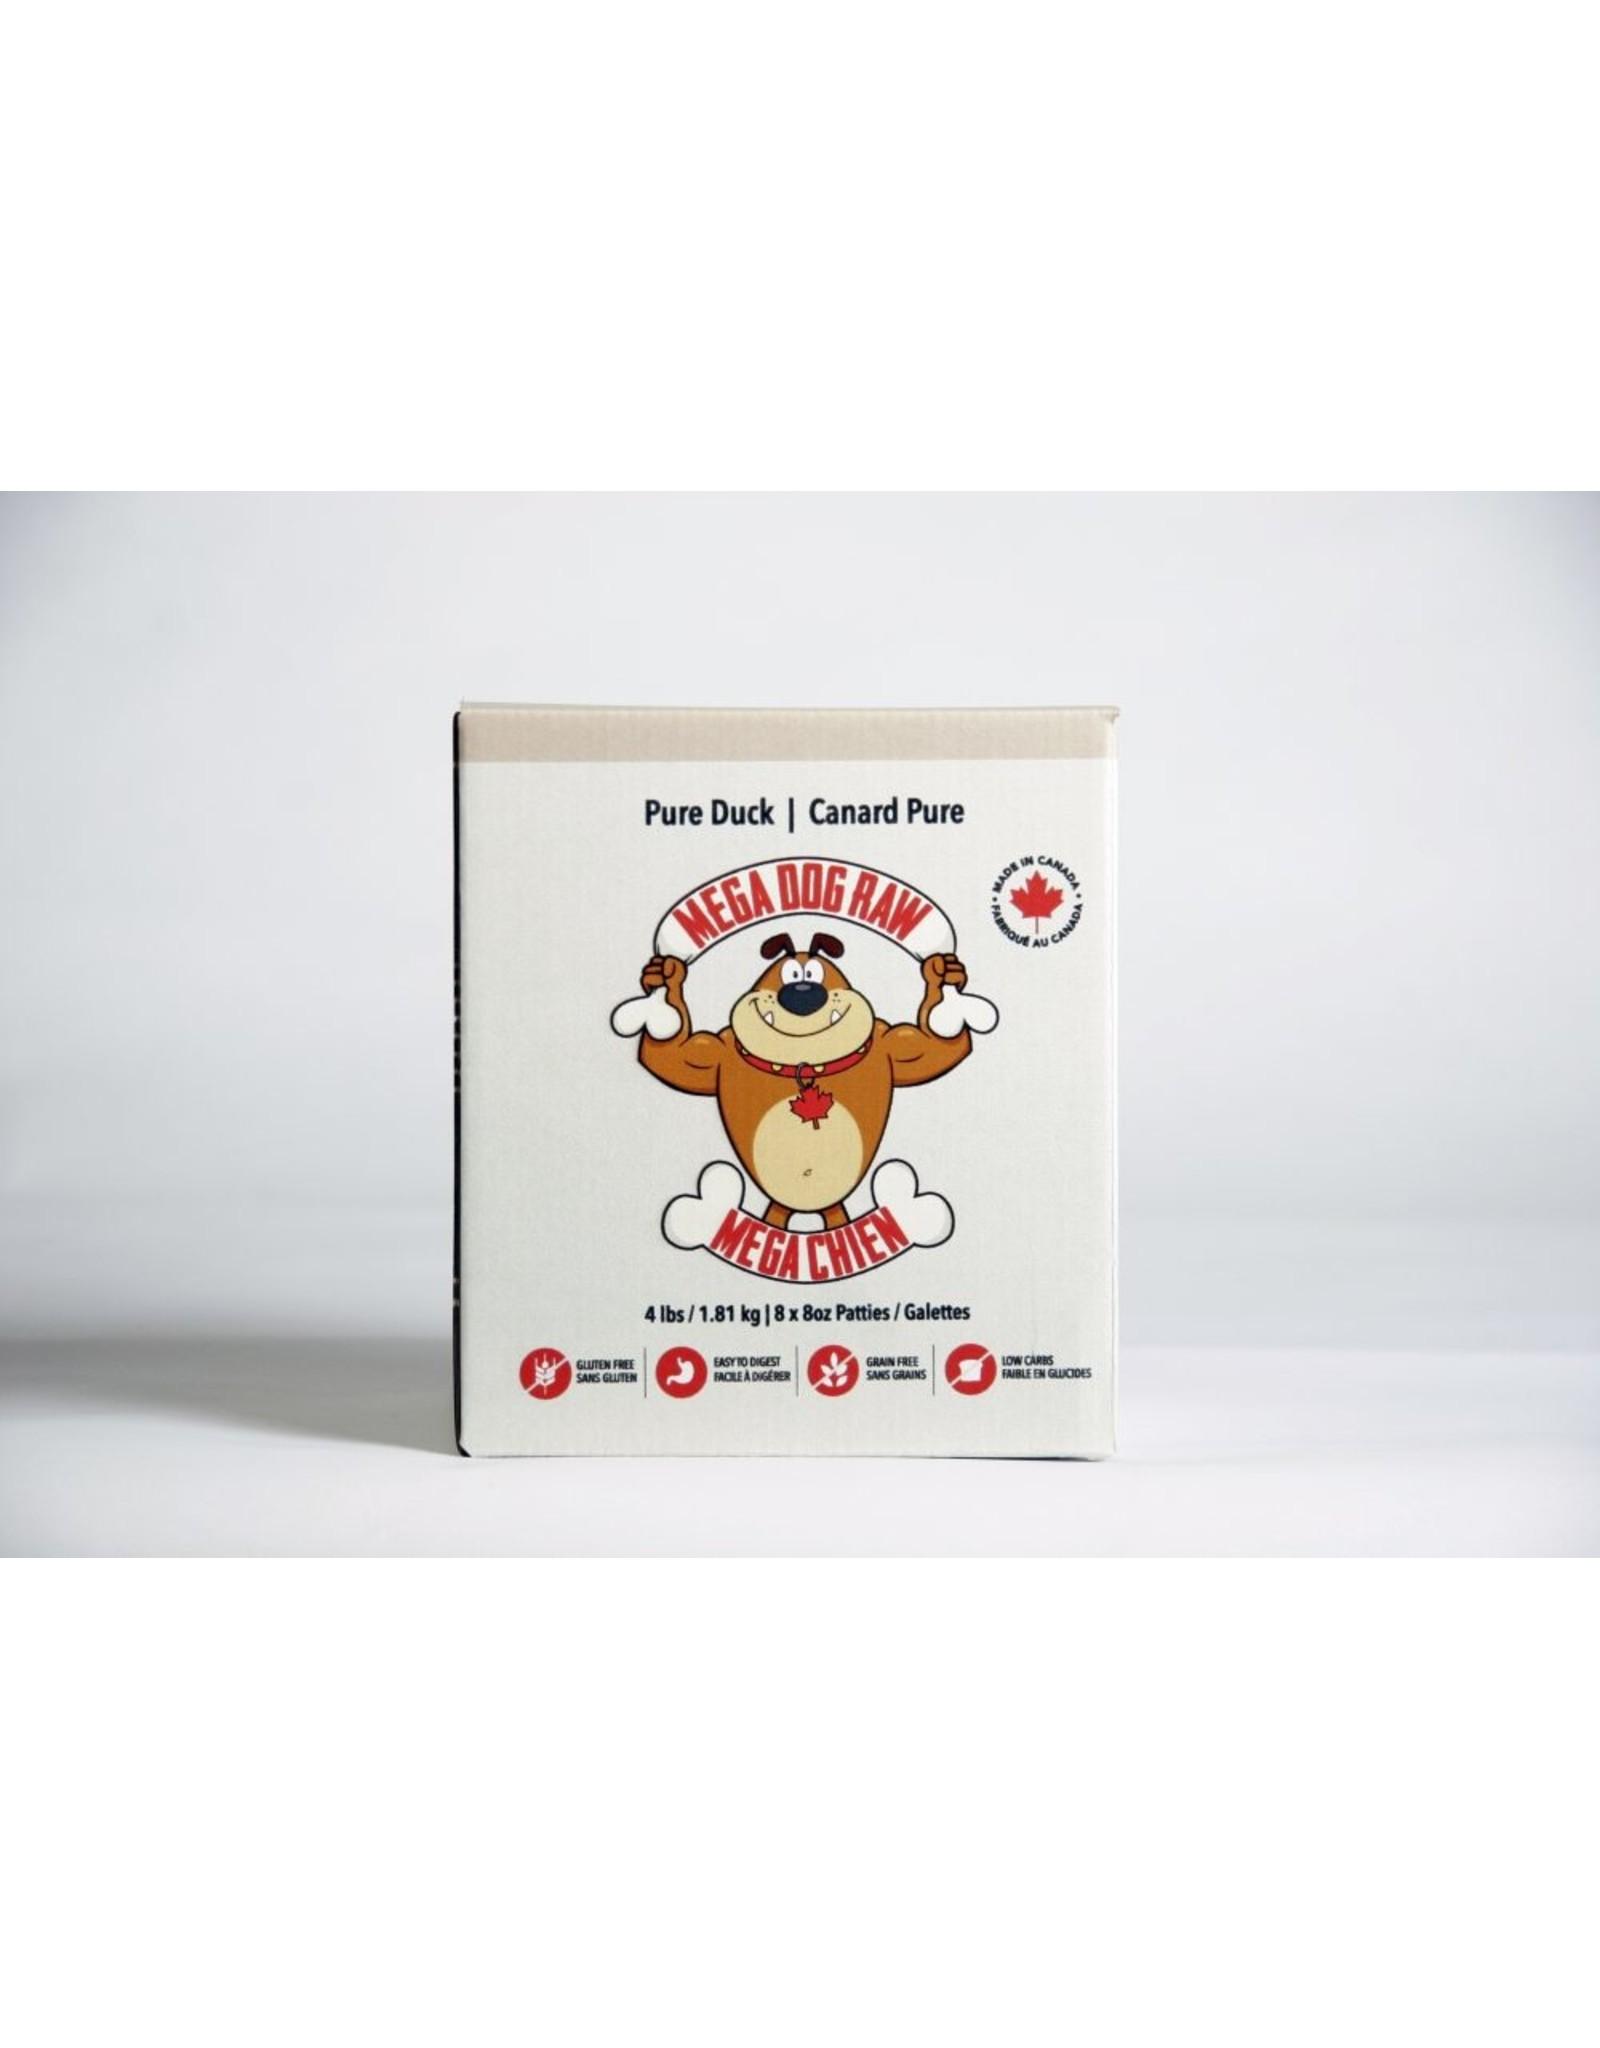 Mega Dog (FRZ) \ Mega Dog \ Pure Duck 4 lb Patties